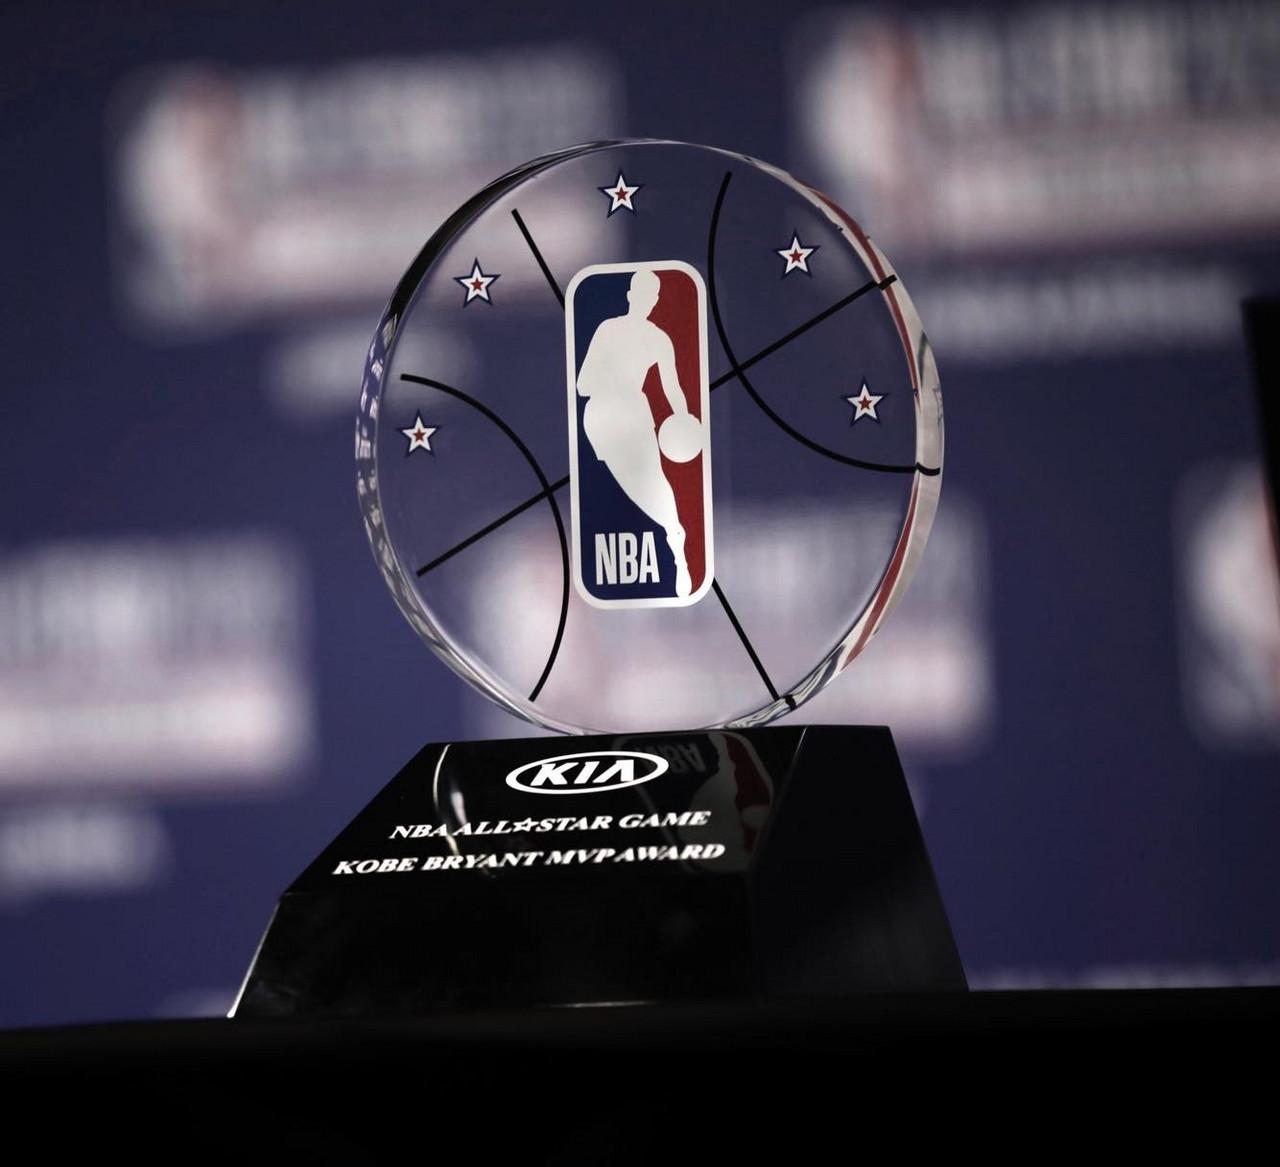 All-Star Game MVP Award named for Kobe Bryant